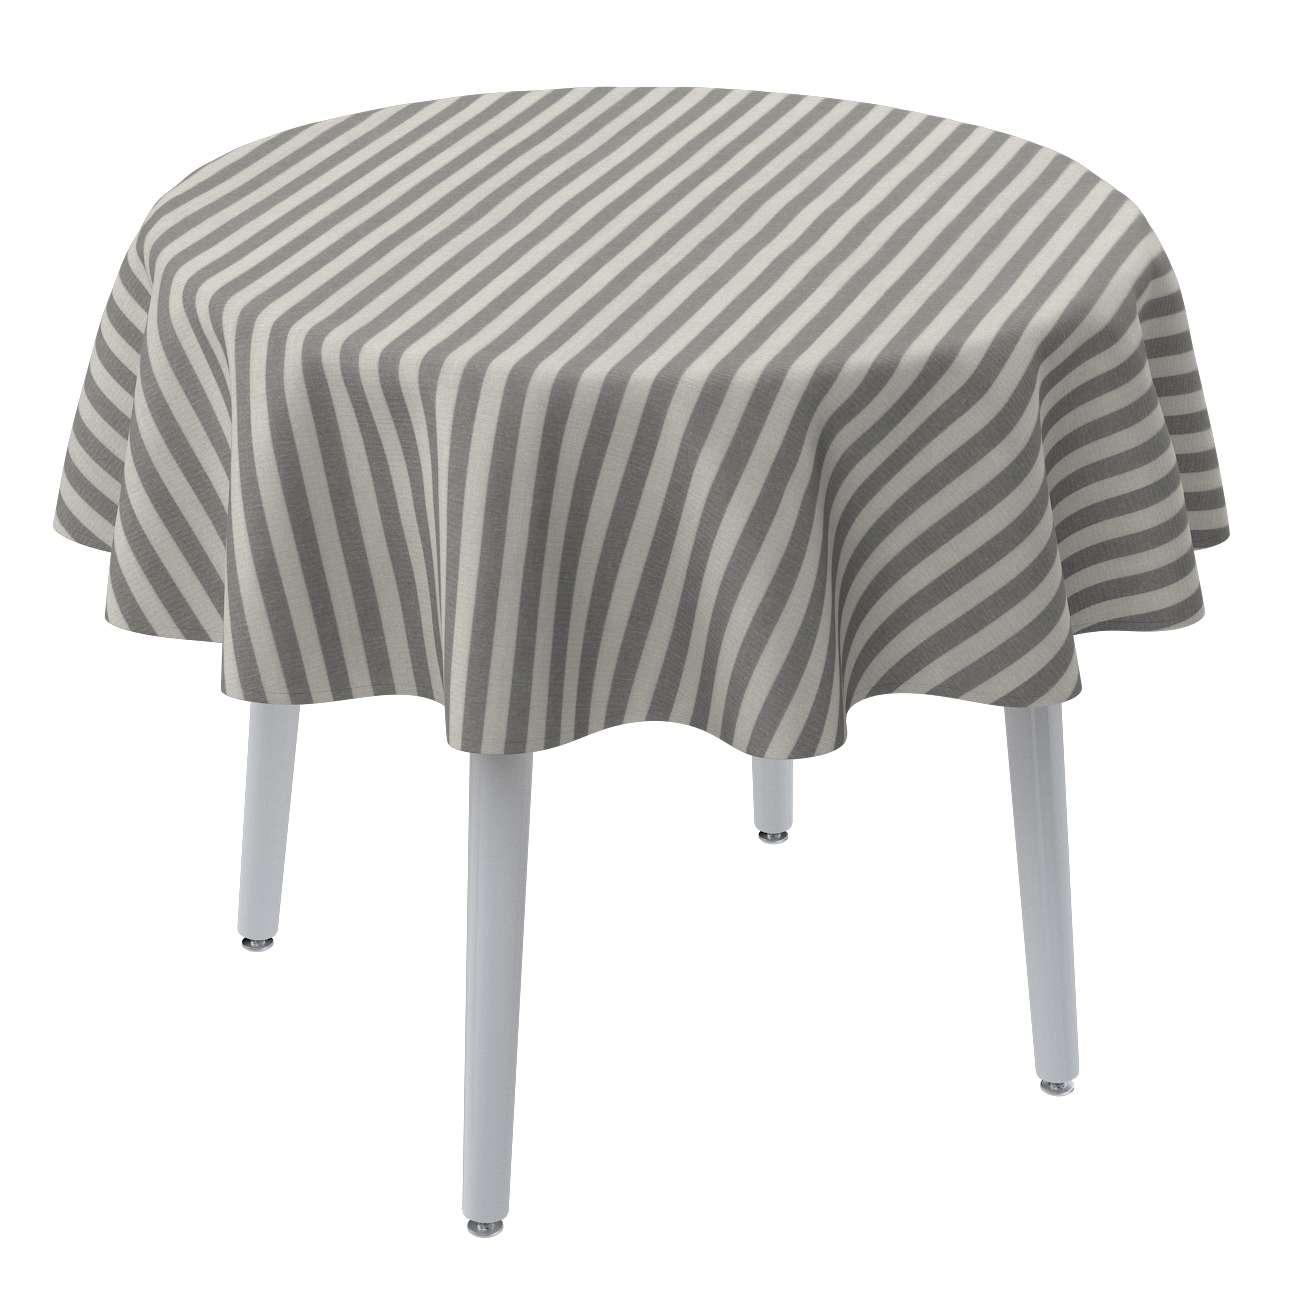 Runde Tischdecke von der Kollektion Quadro, Stoff: 136-12